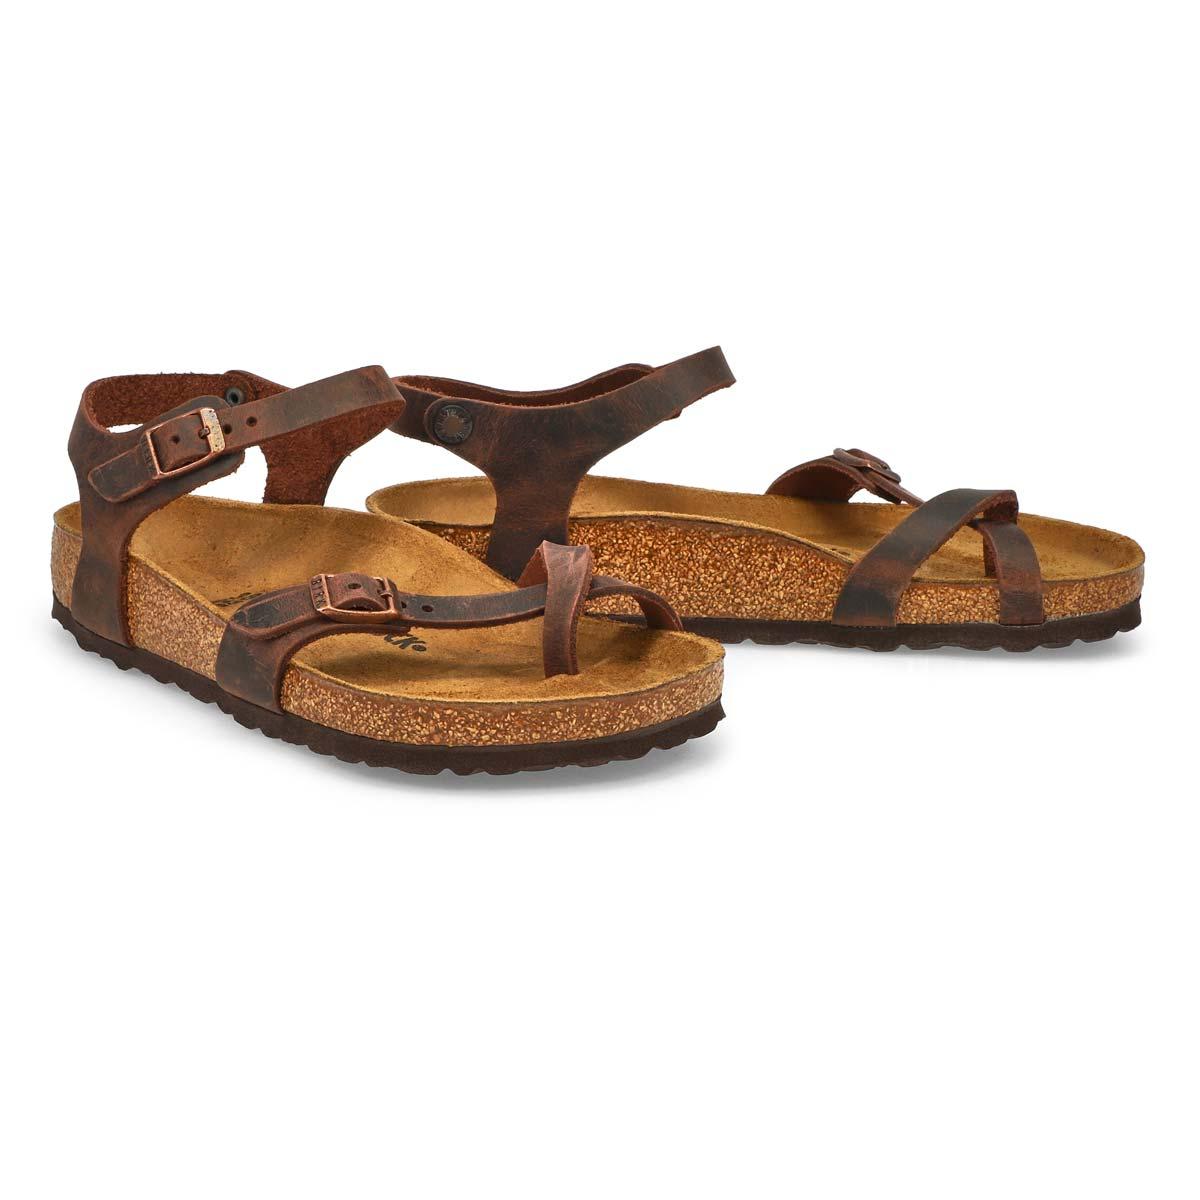 Sandale à lit de pied Taormina, femmes - Habana